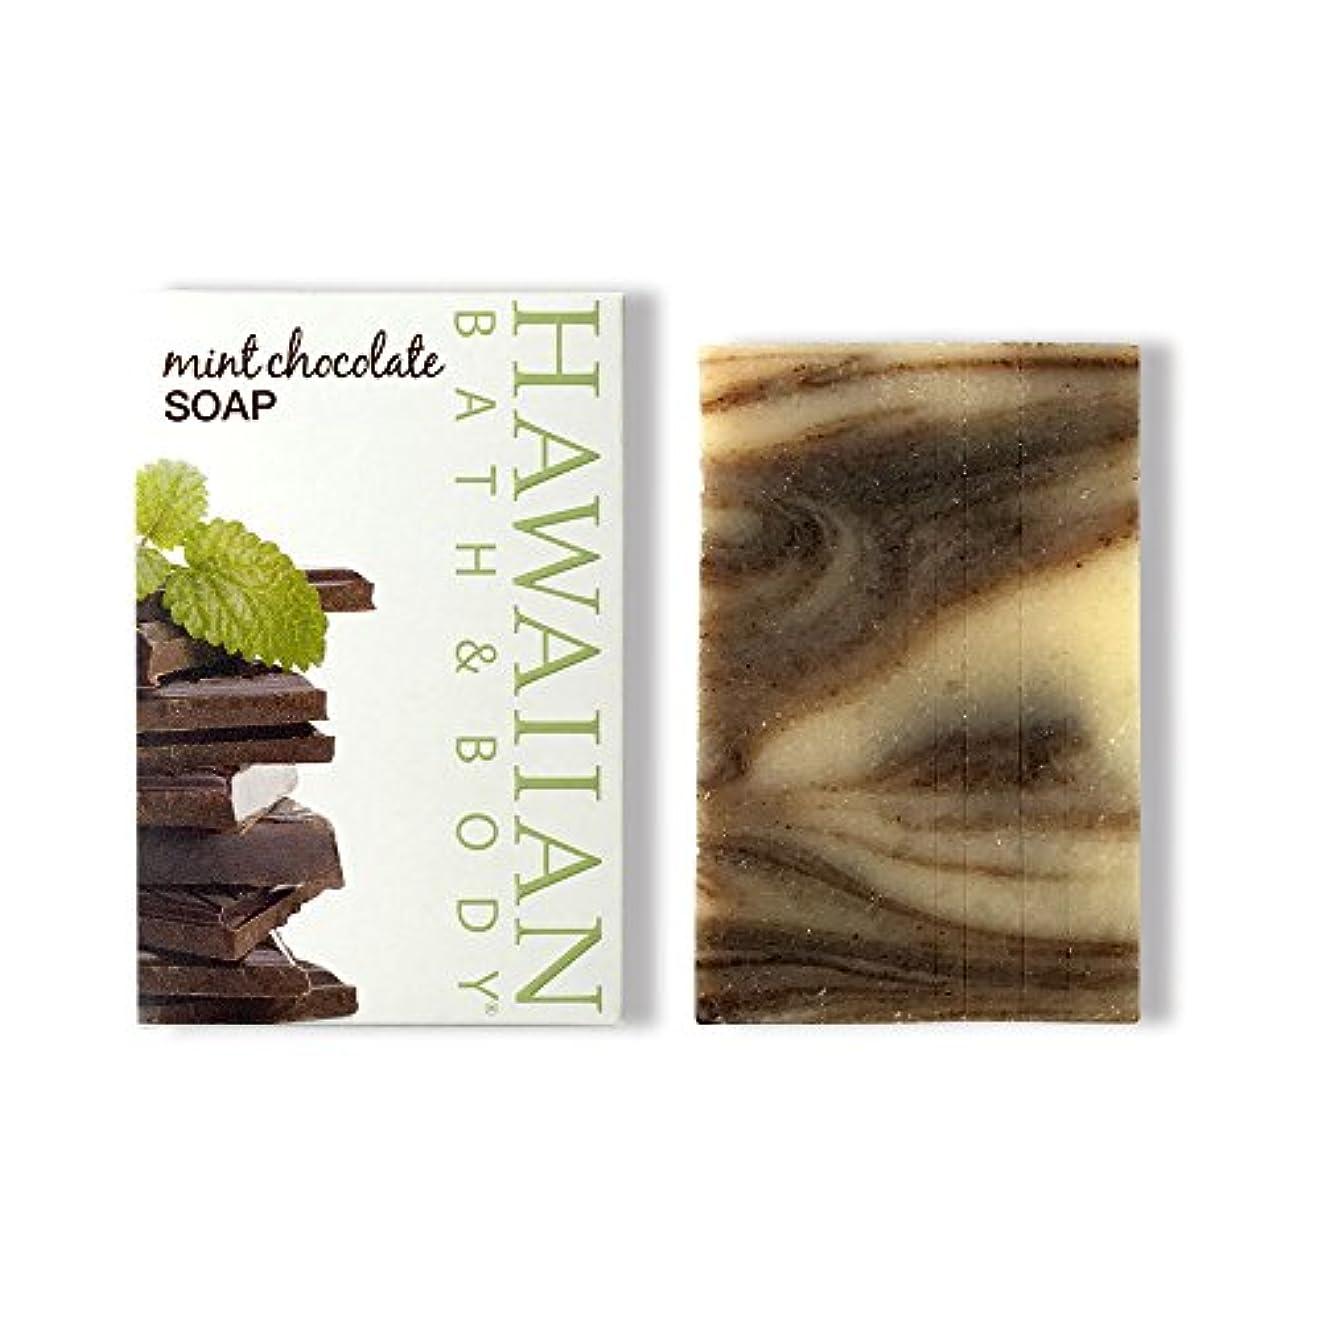 素晴らしき除外するスタジアムハワイアンバス&ボディ ハワイアン?ミントチョコレートソープ ( Hawaii Mint Chocolate Soap )